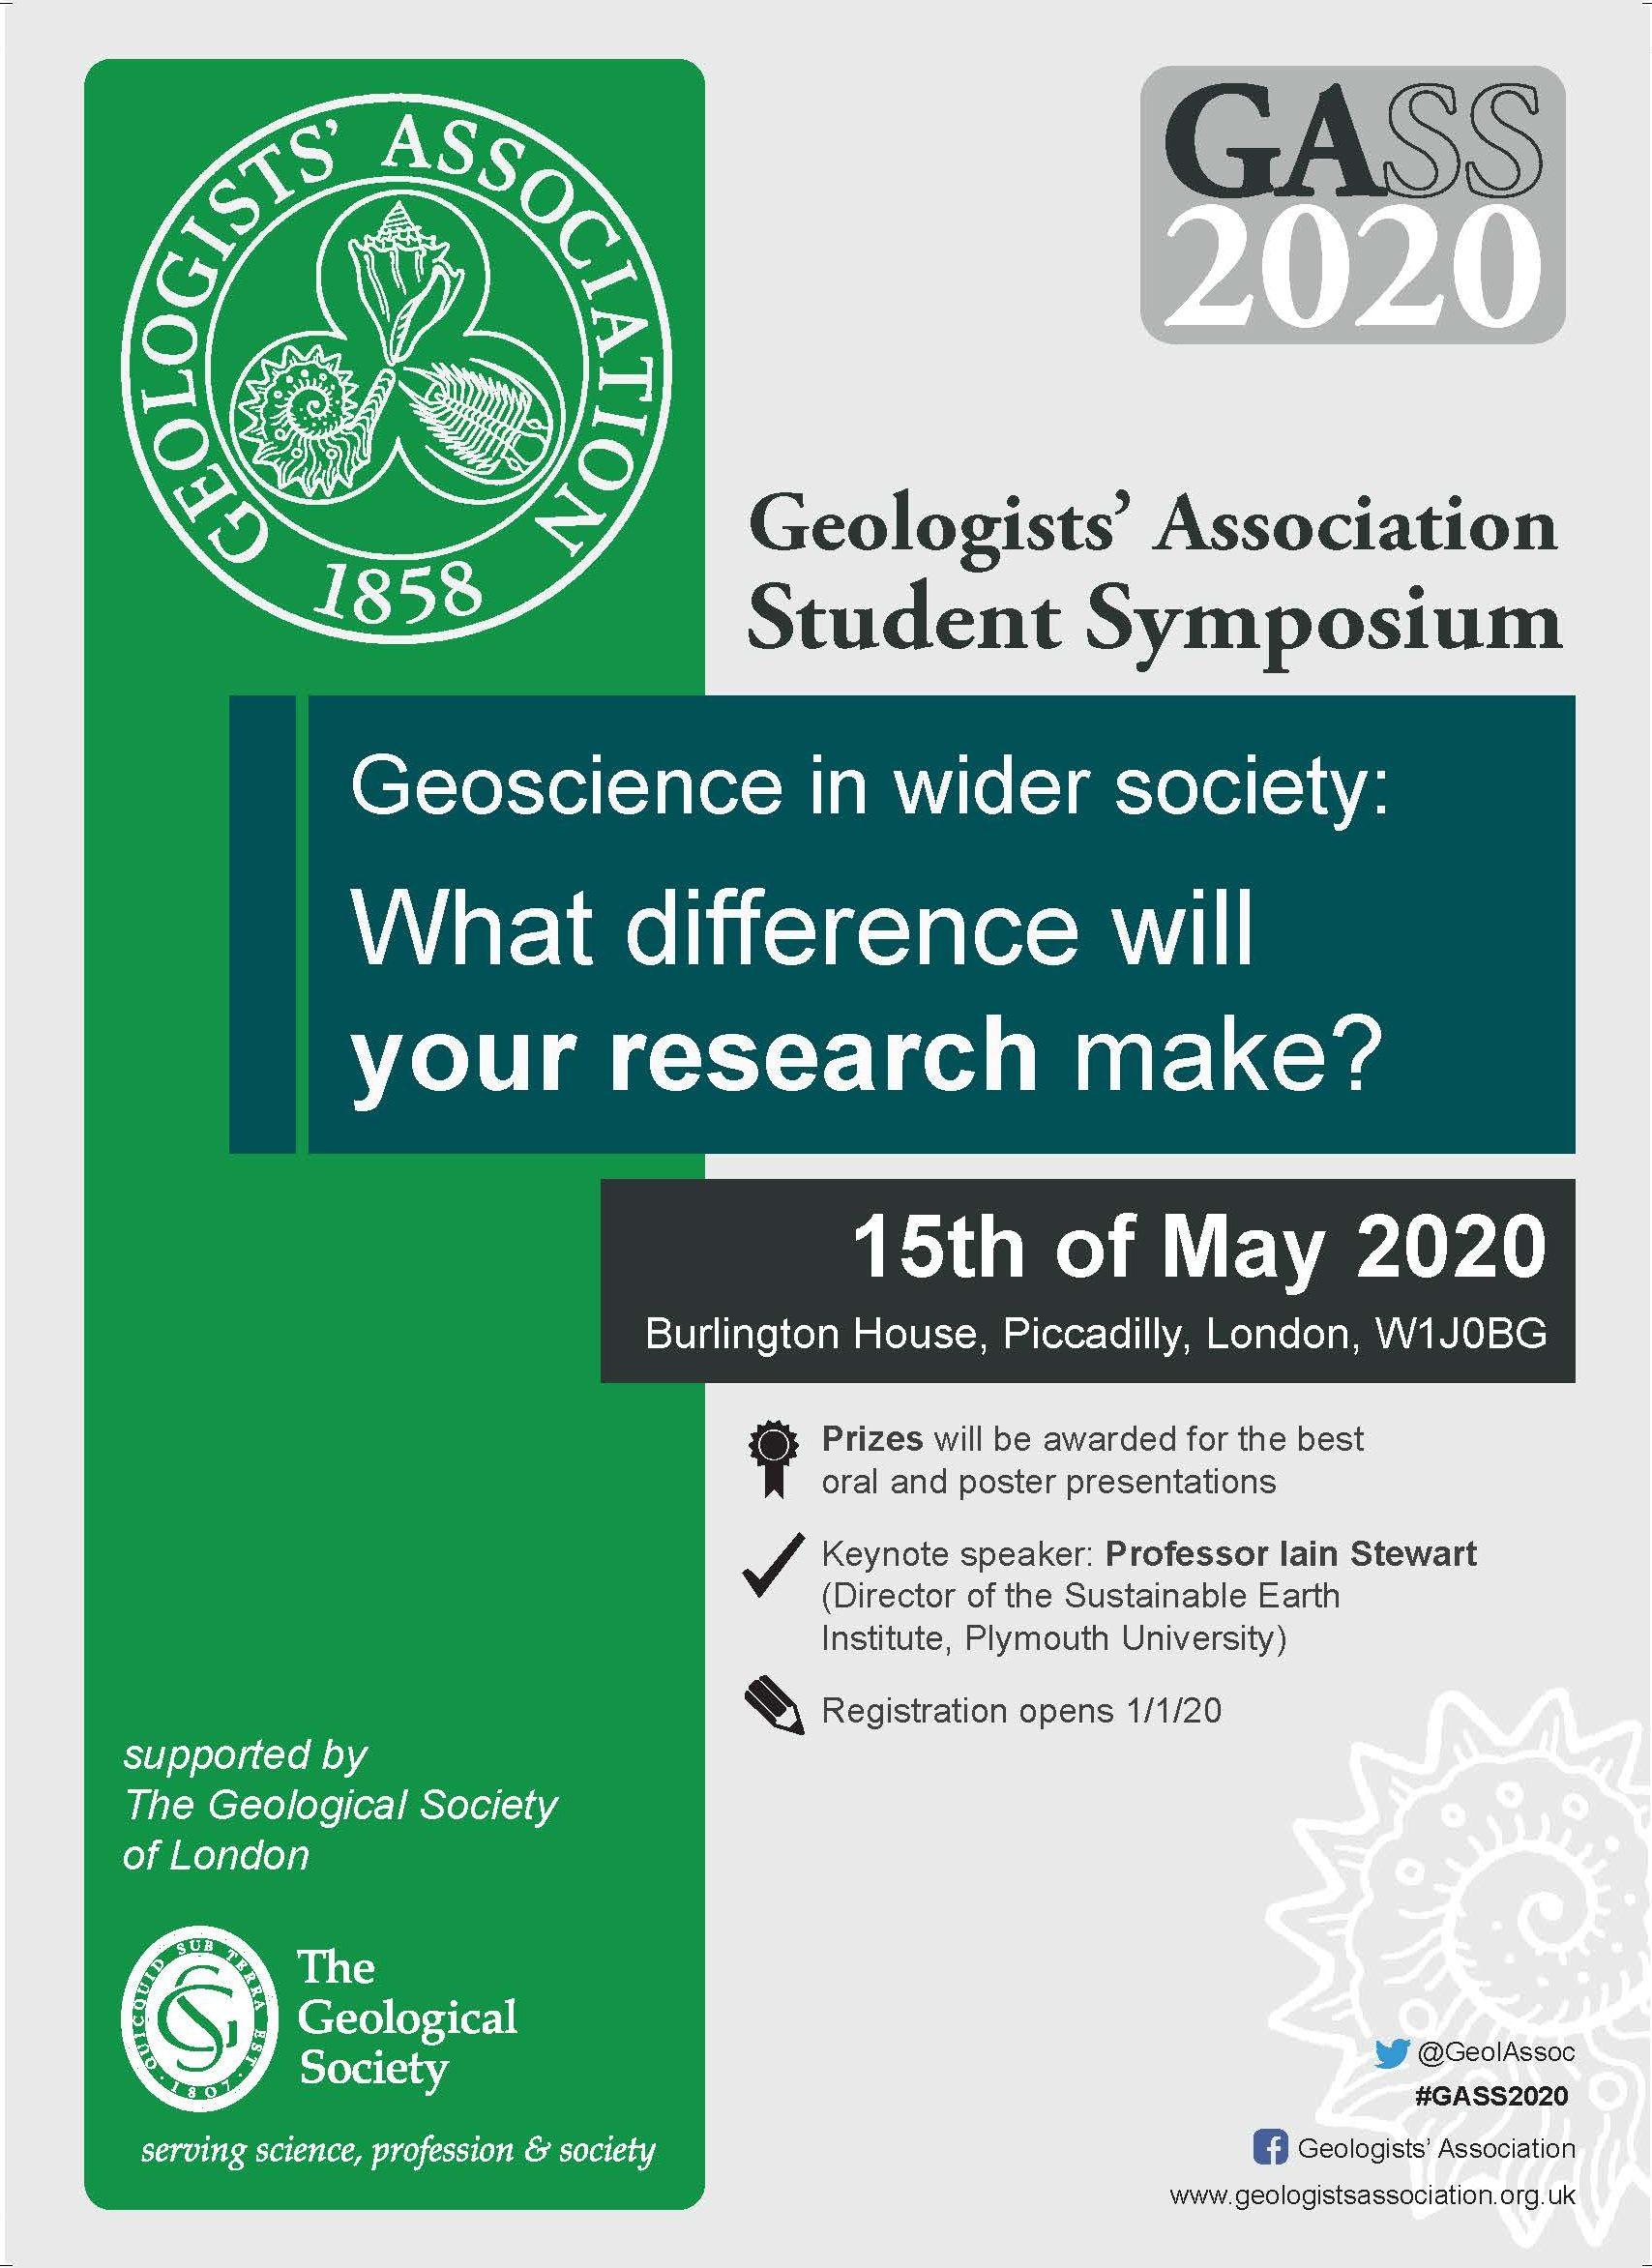 GASS 2020 flyer